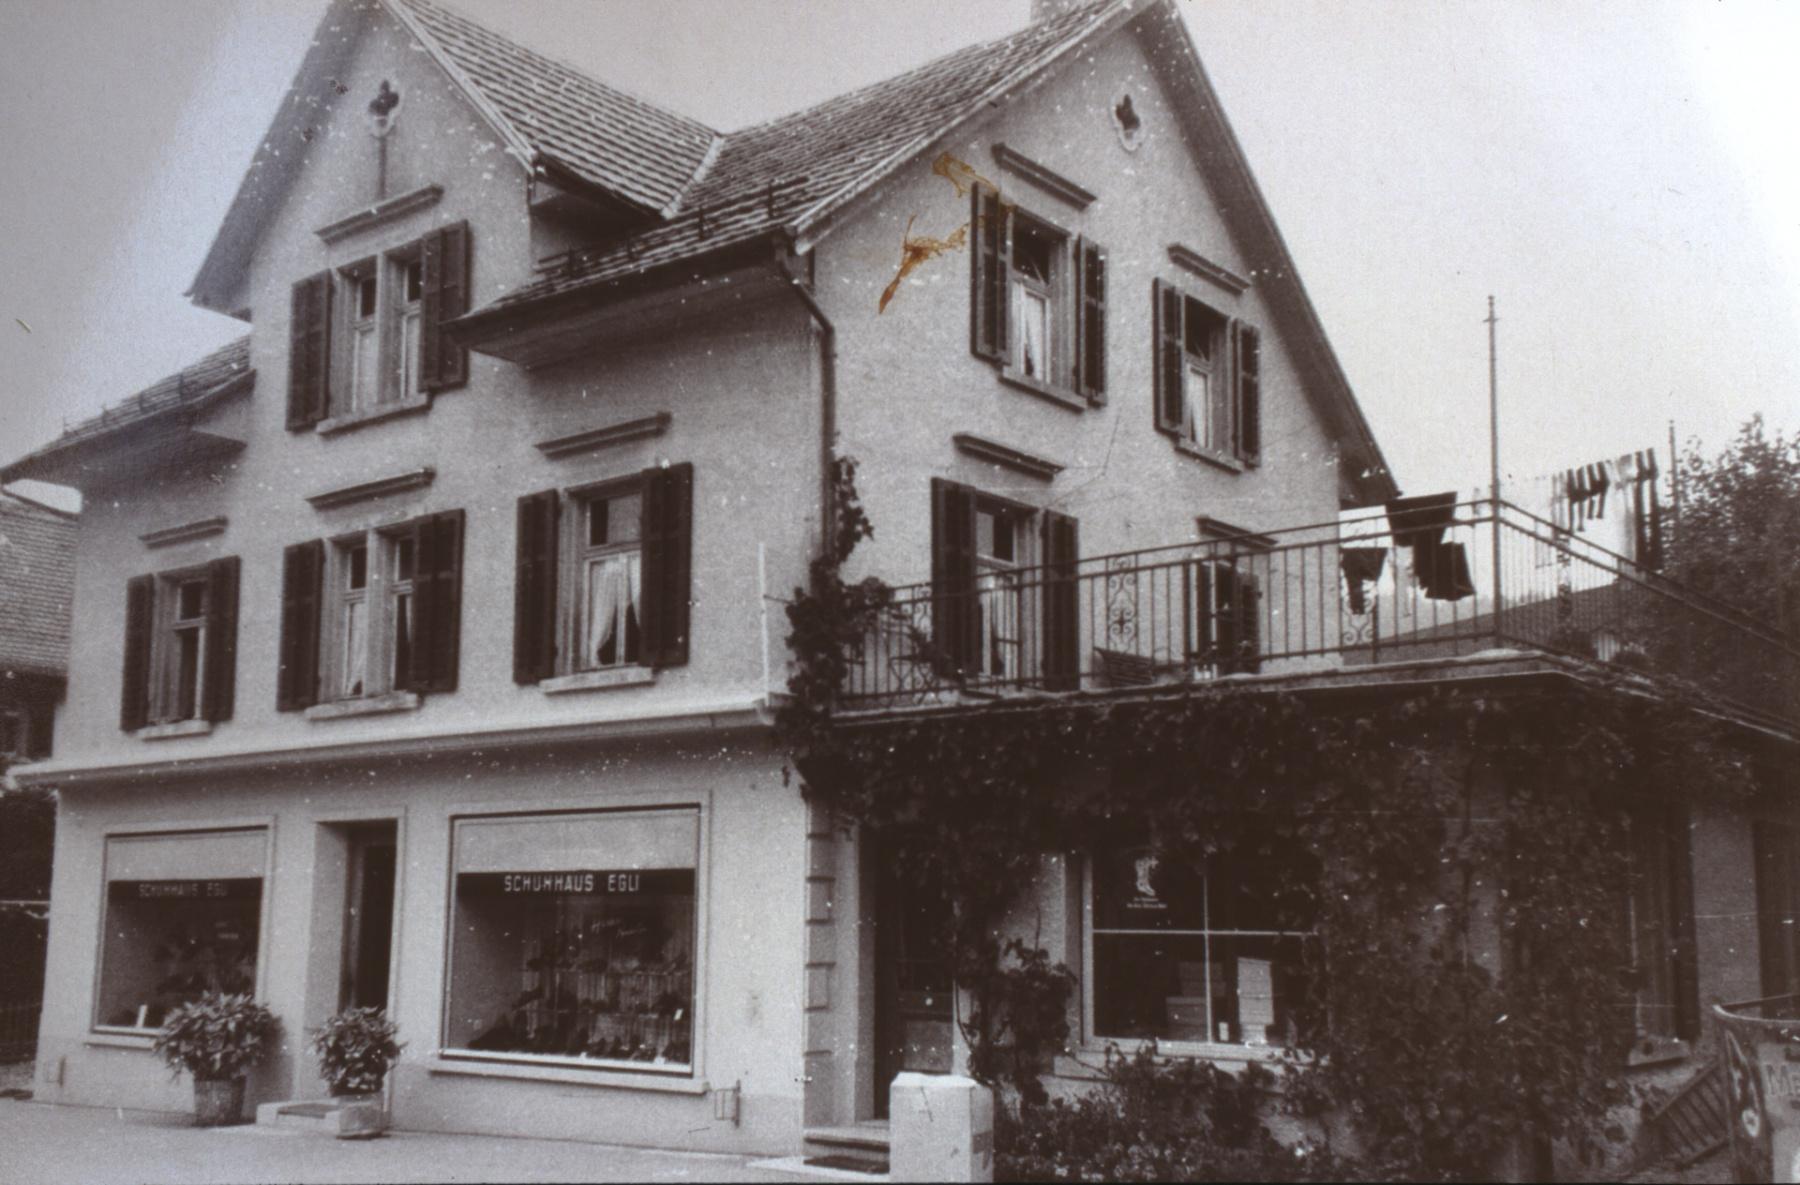 Schuhhaus Egli